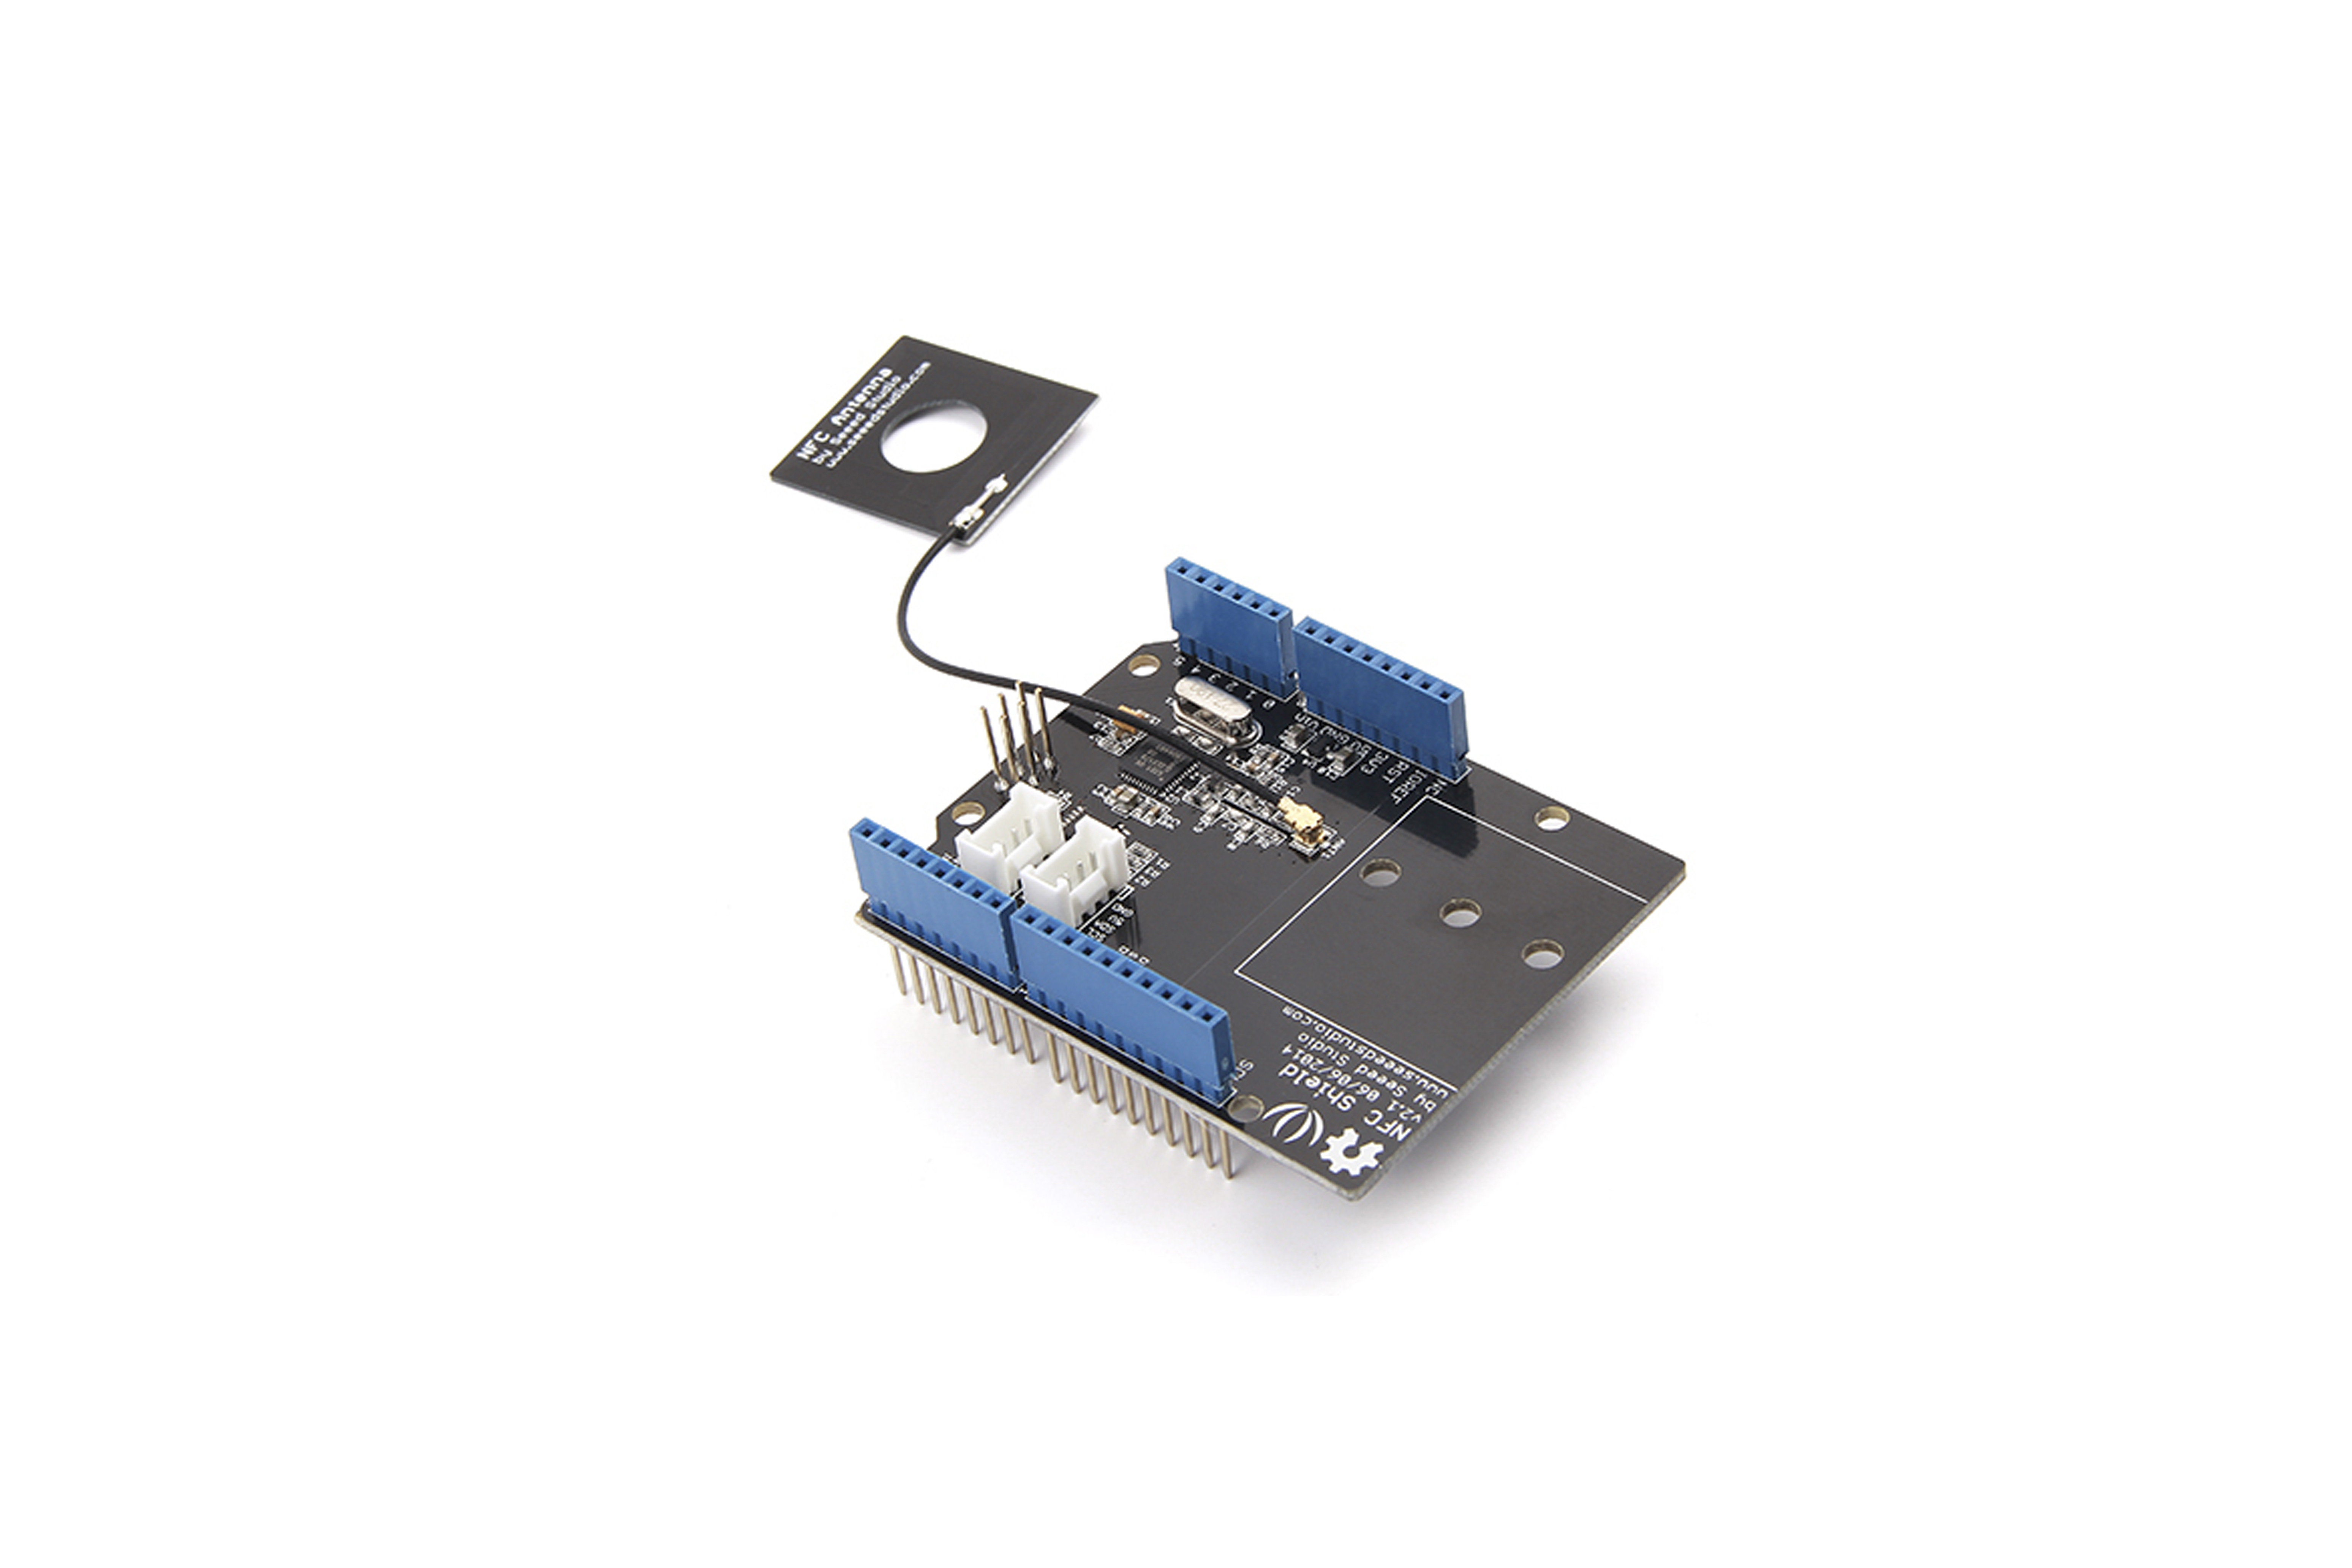 Arduino(アルデュイーノ)用スタジオNFCシールドV2.0 13.56MHz NFCシールド